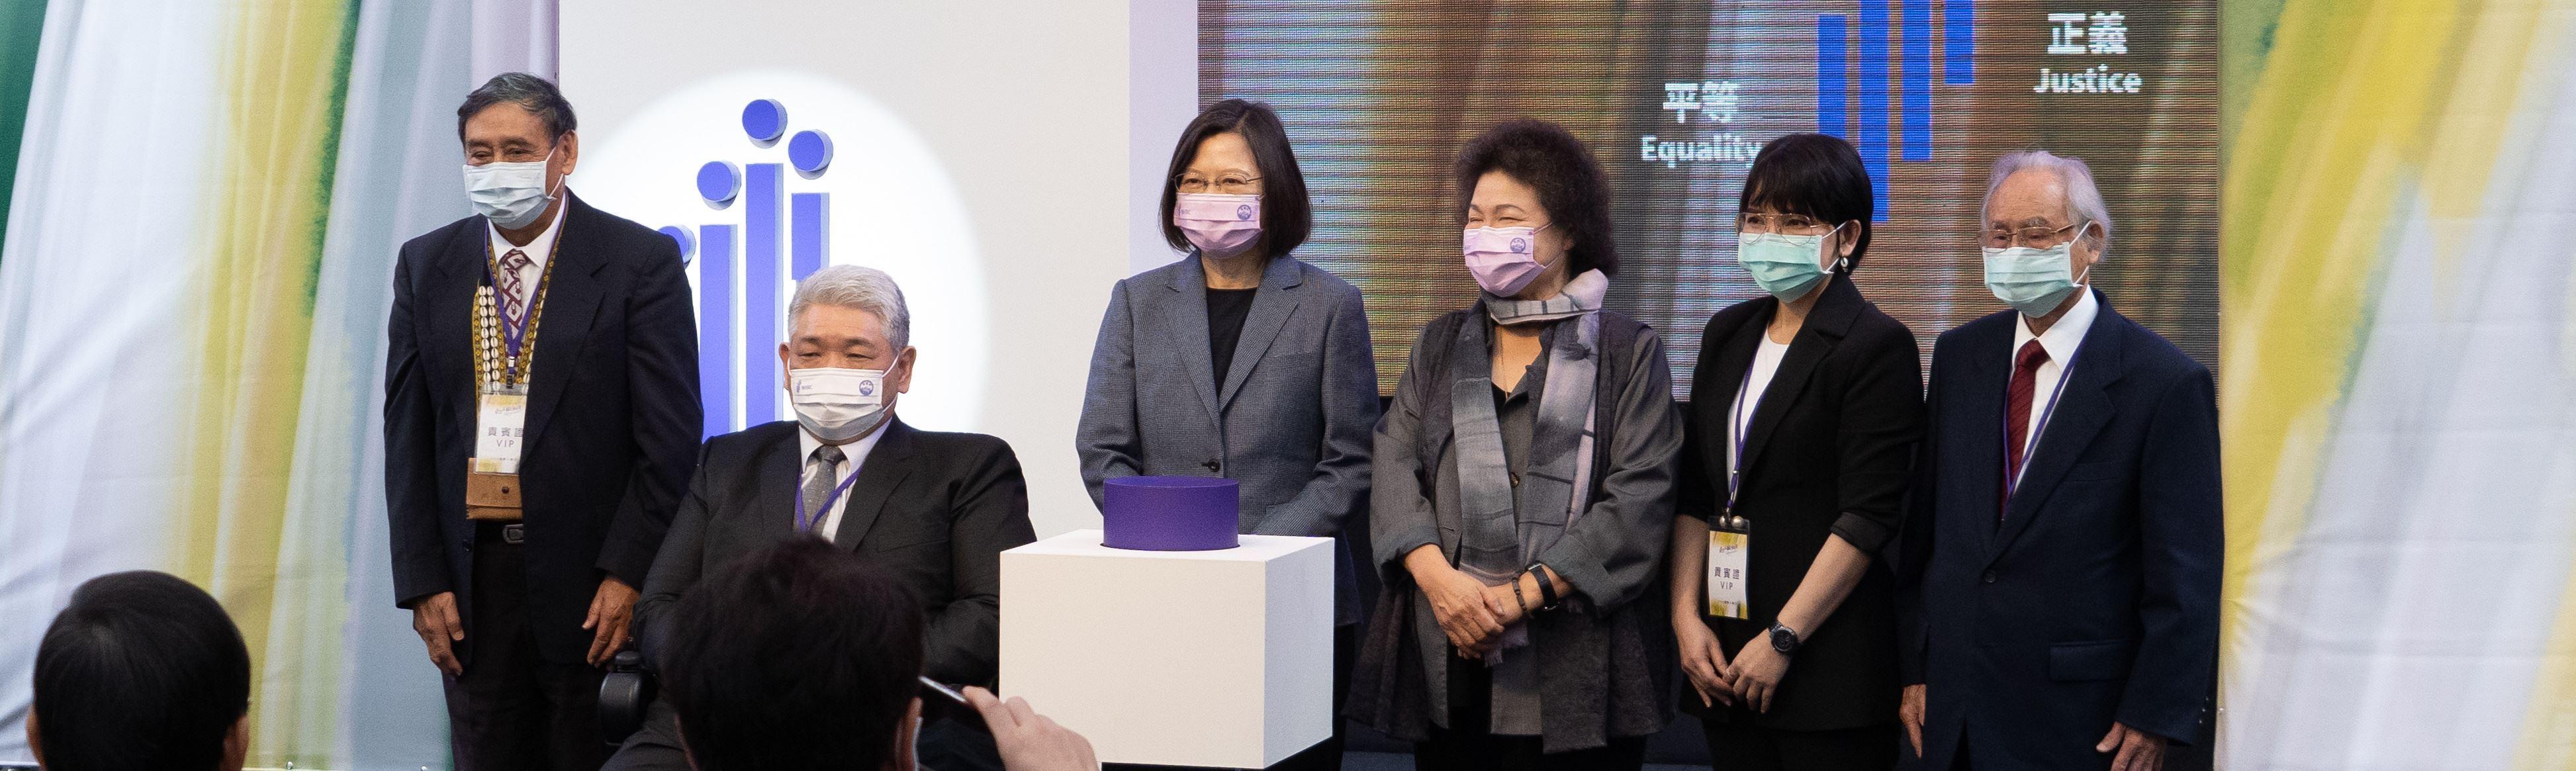 台灣人權阿普貴-人權會主識別啟用